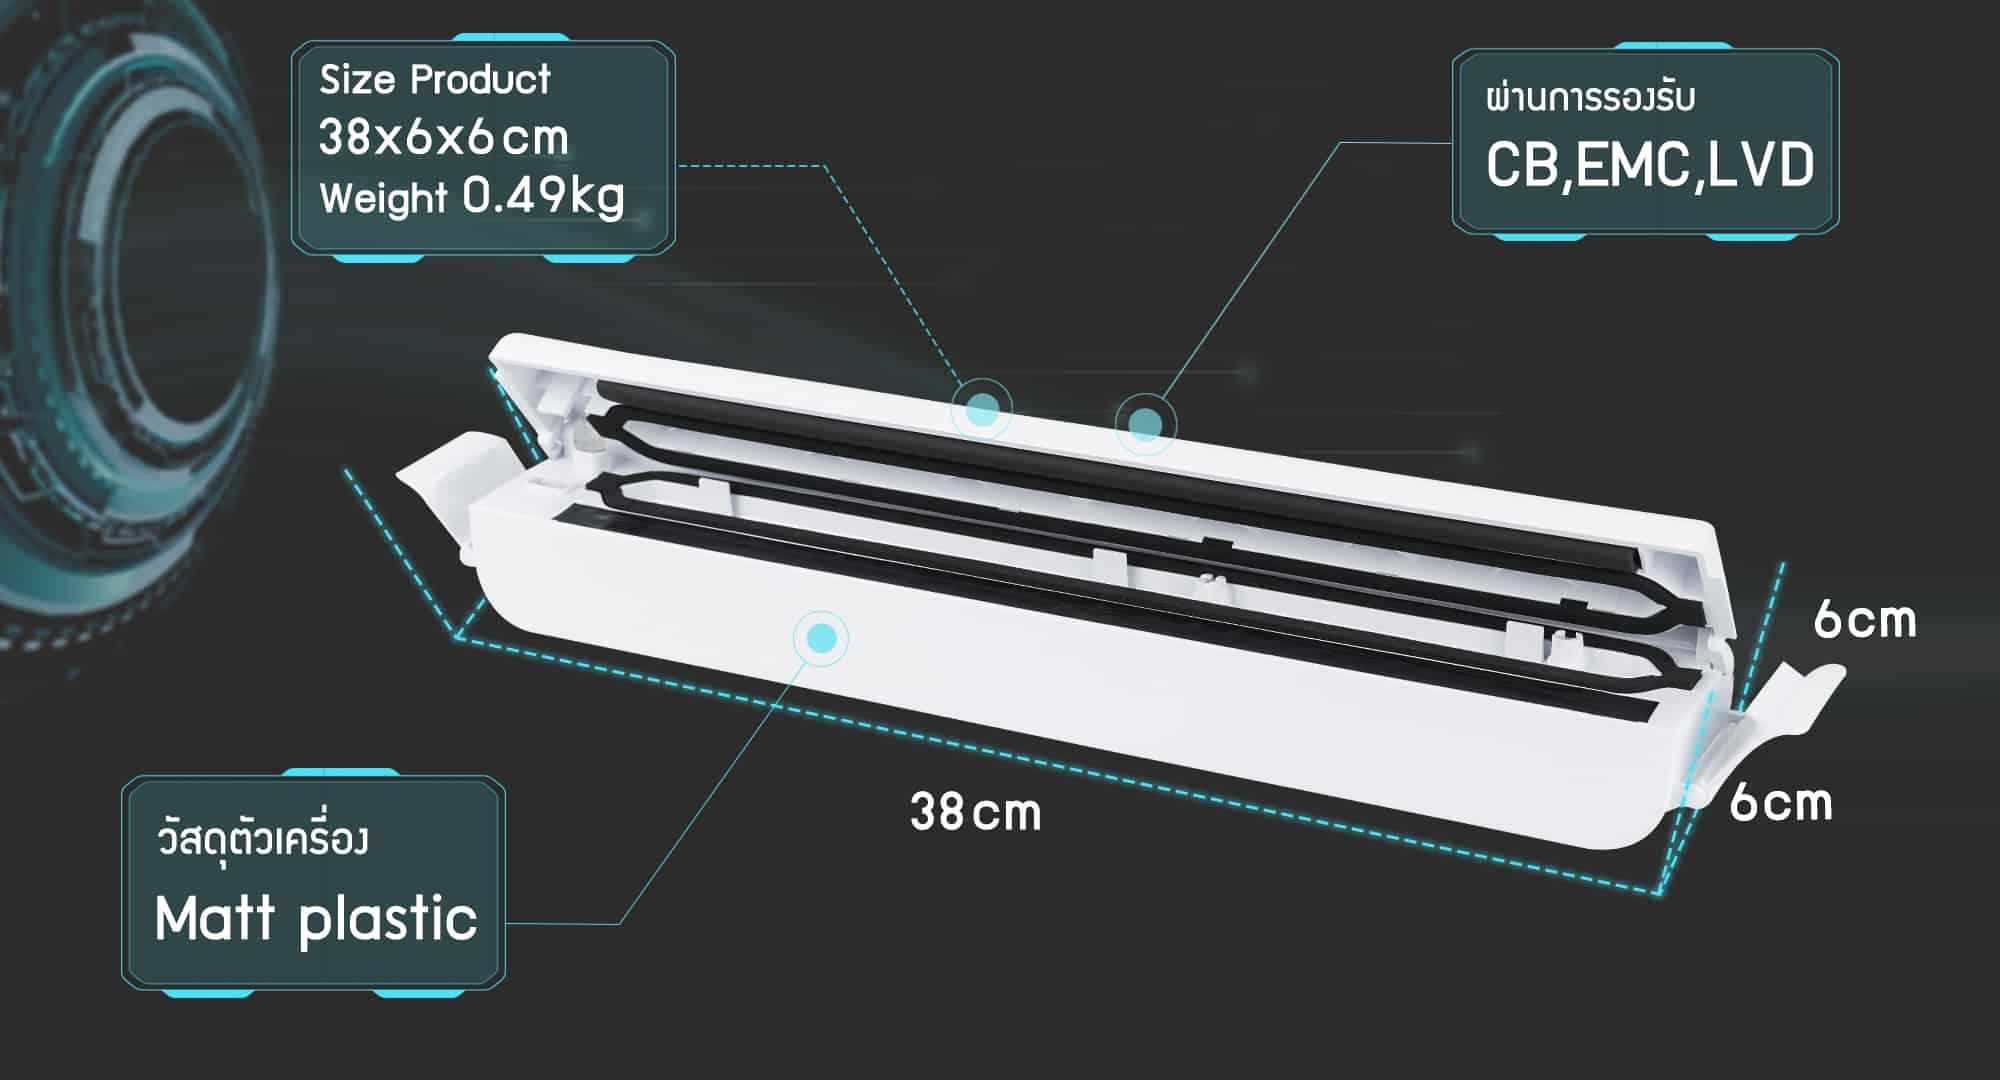 เครื่องแวคคั่ม-VC01-size1.1